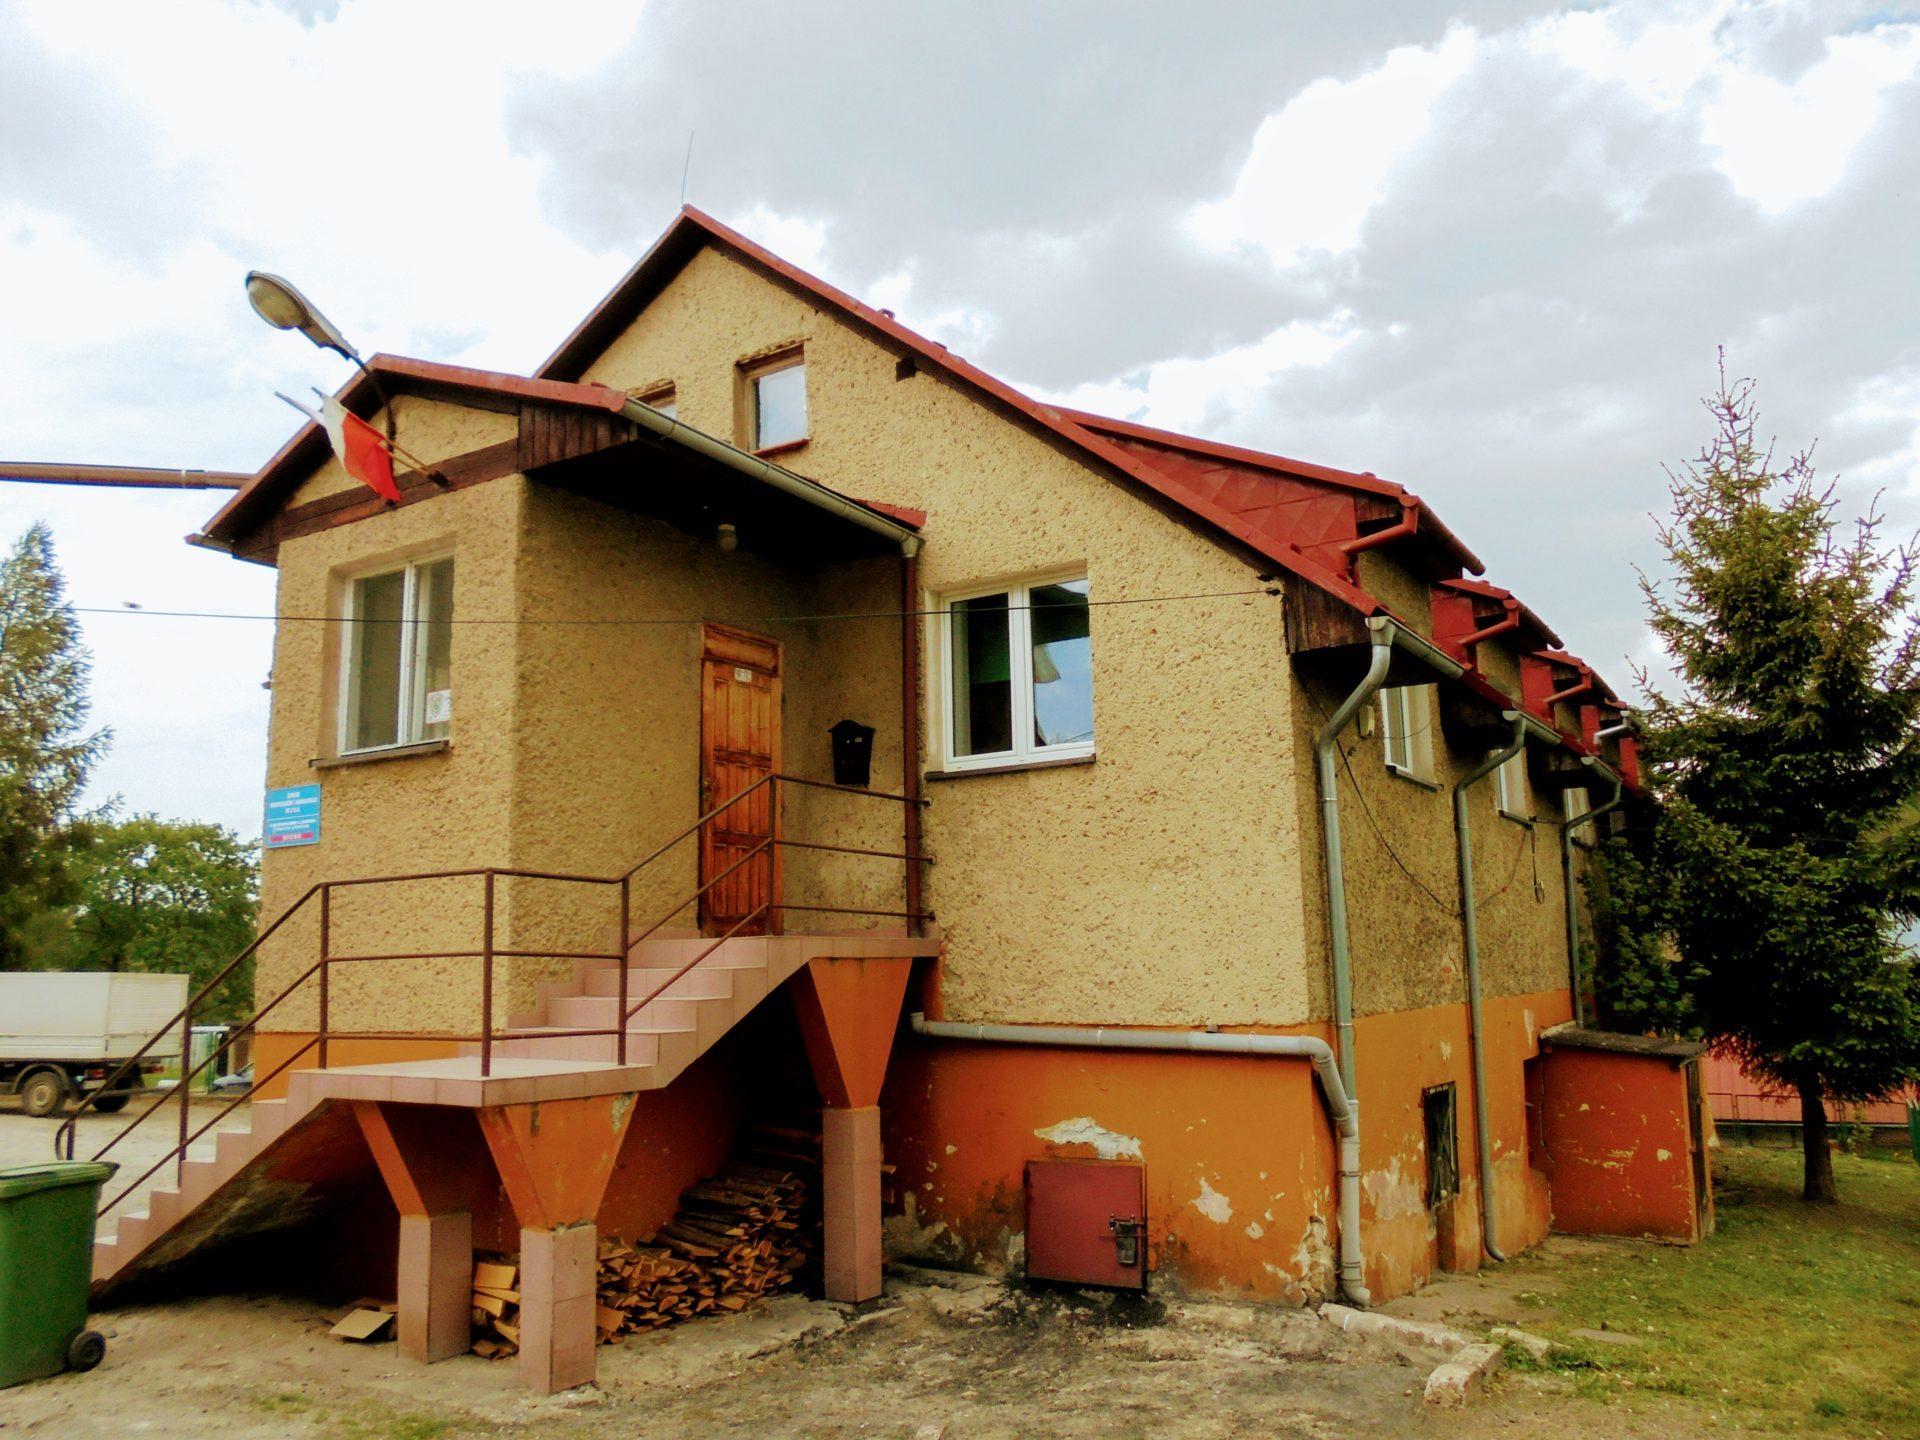 Zakład Wodociągów i Kanalizacji Spółka z ograniczoną odpowiedzialnością w Bystrzycy Kłodzkiej